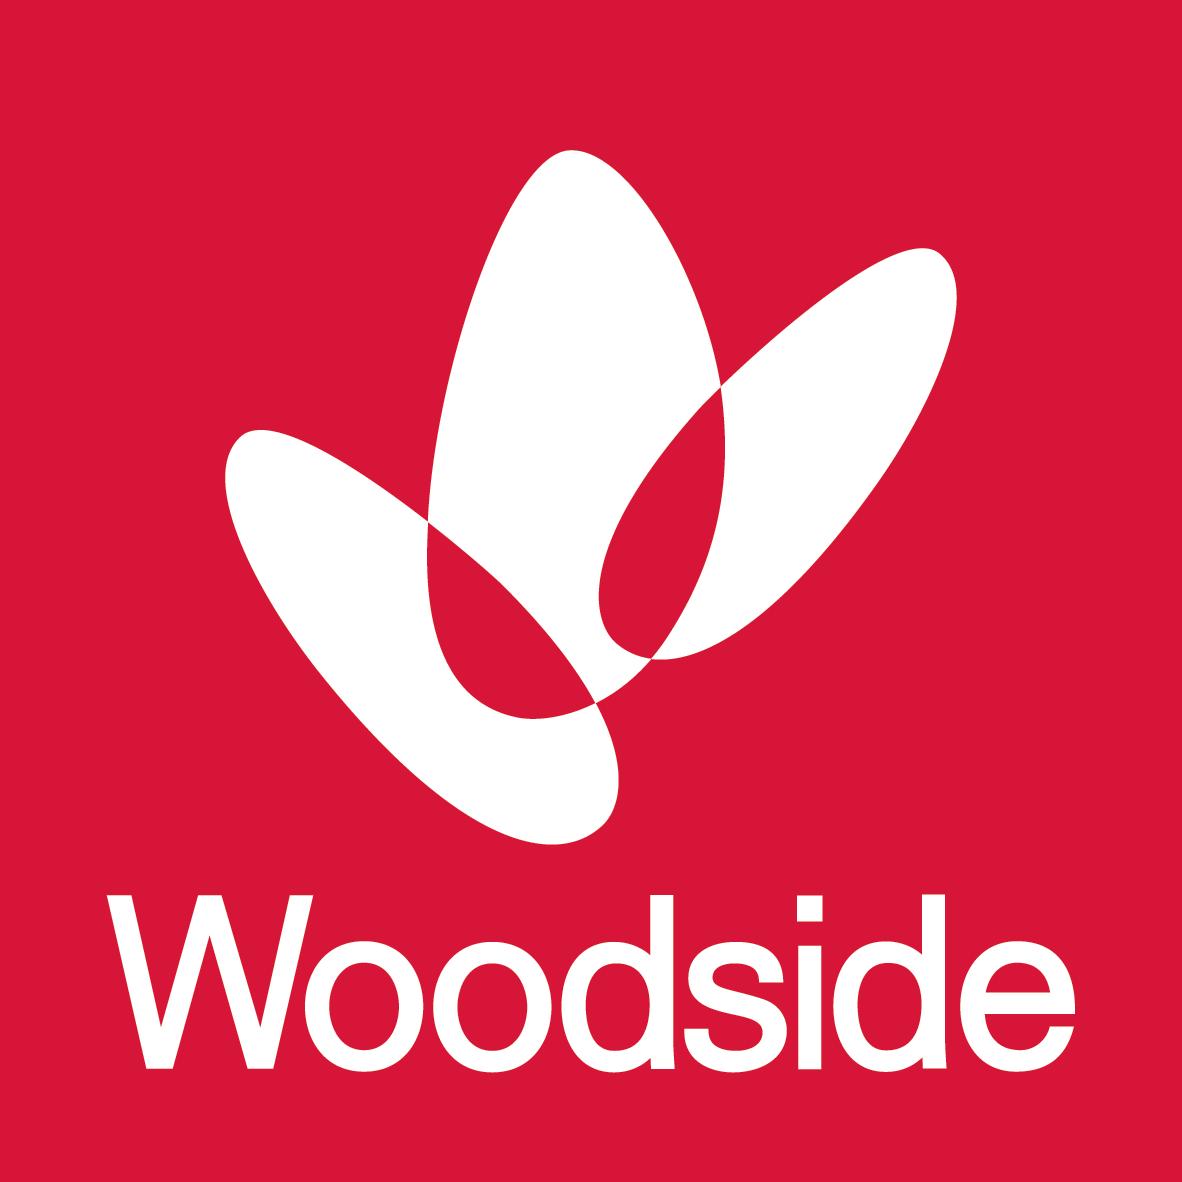 Woodside - signed up 31/10/17